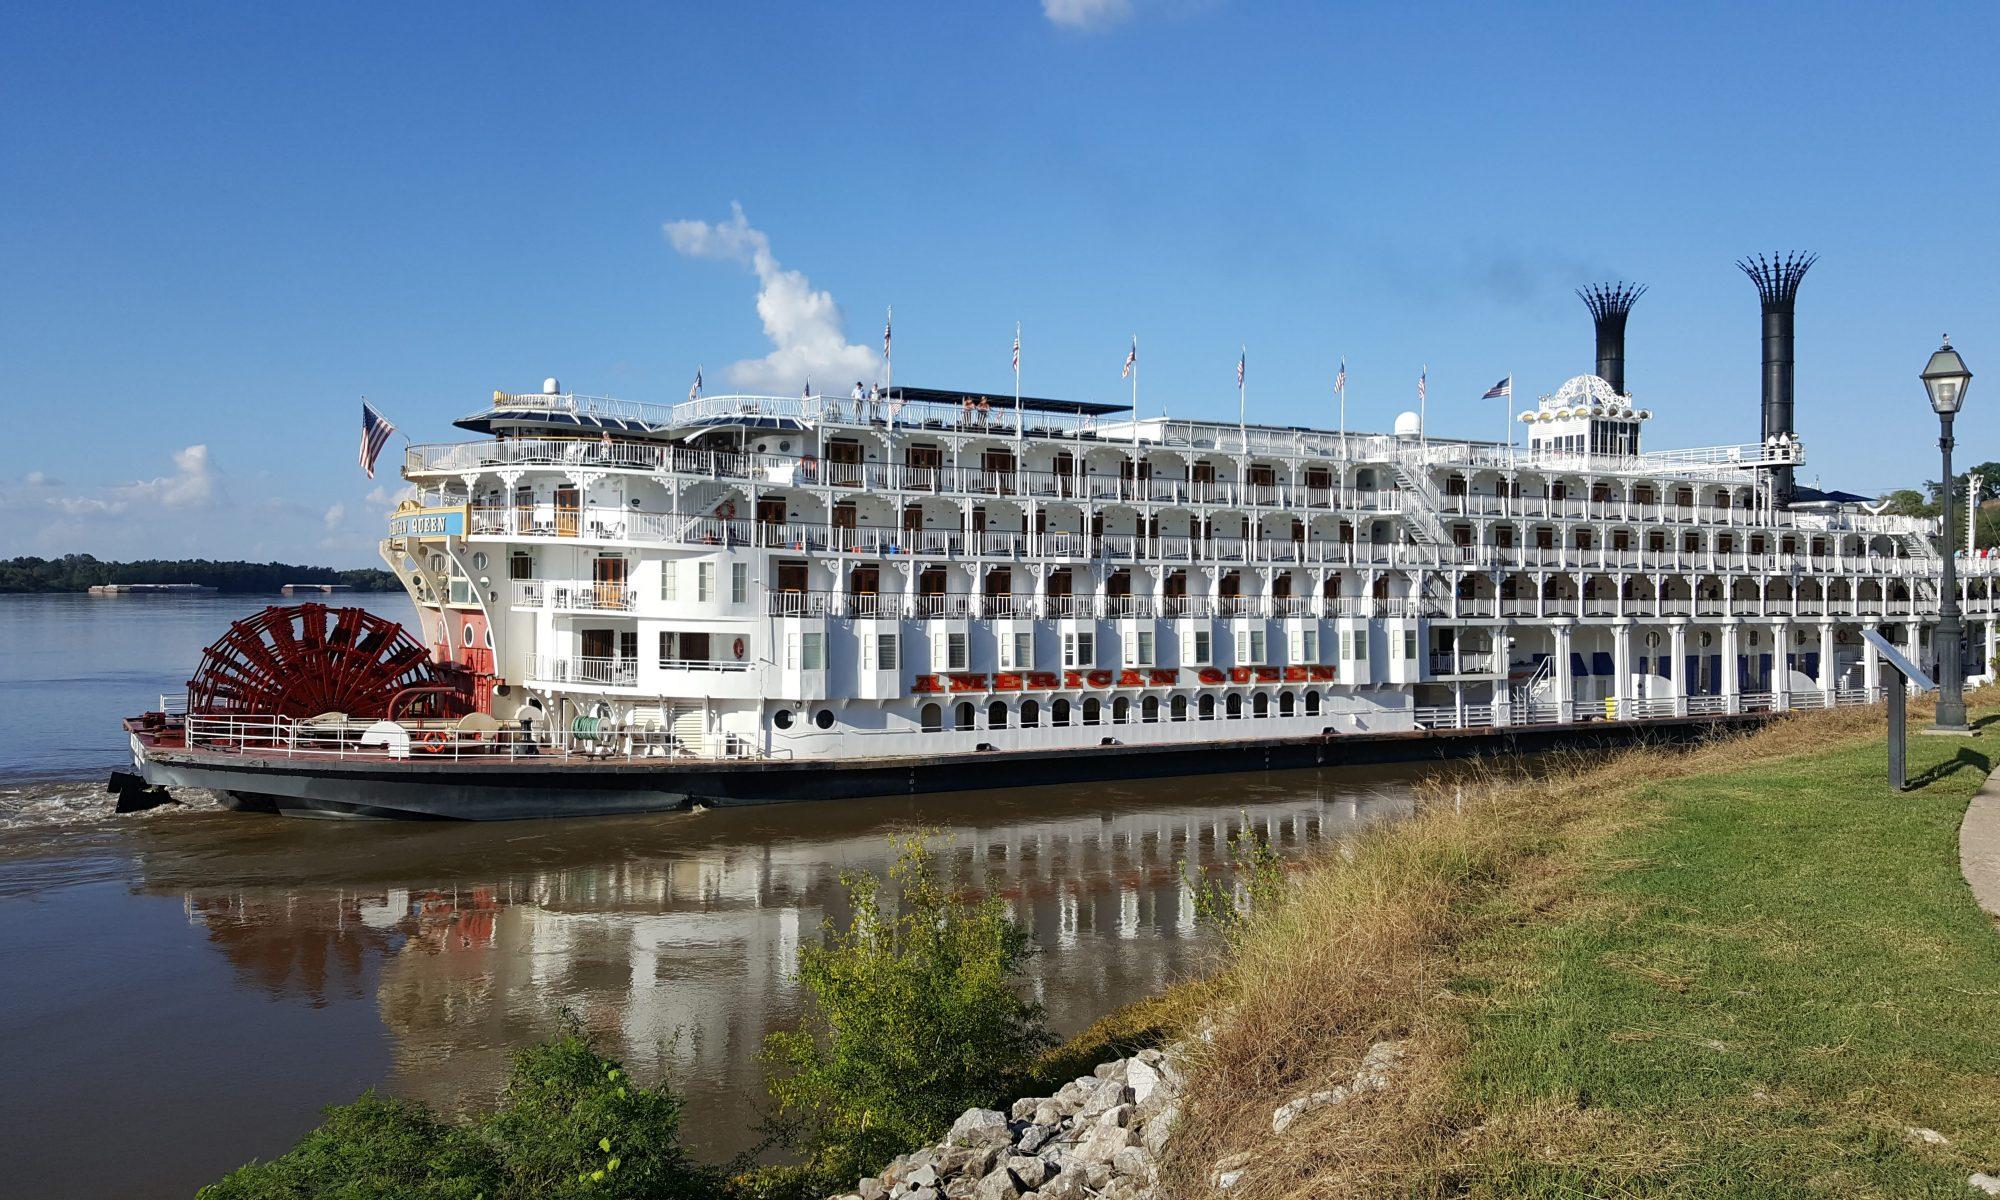 Natchez River Boat Natchez, Mississippi Photo Courtesy of Patrick T Cooper